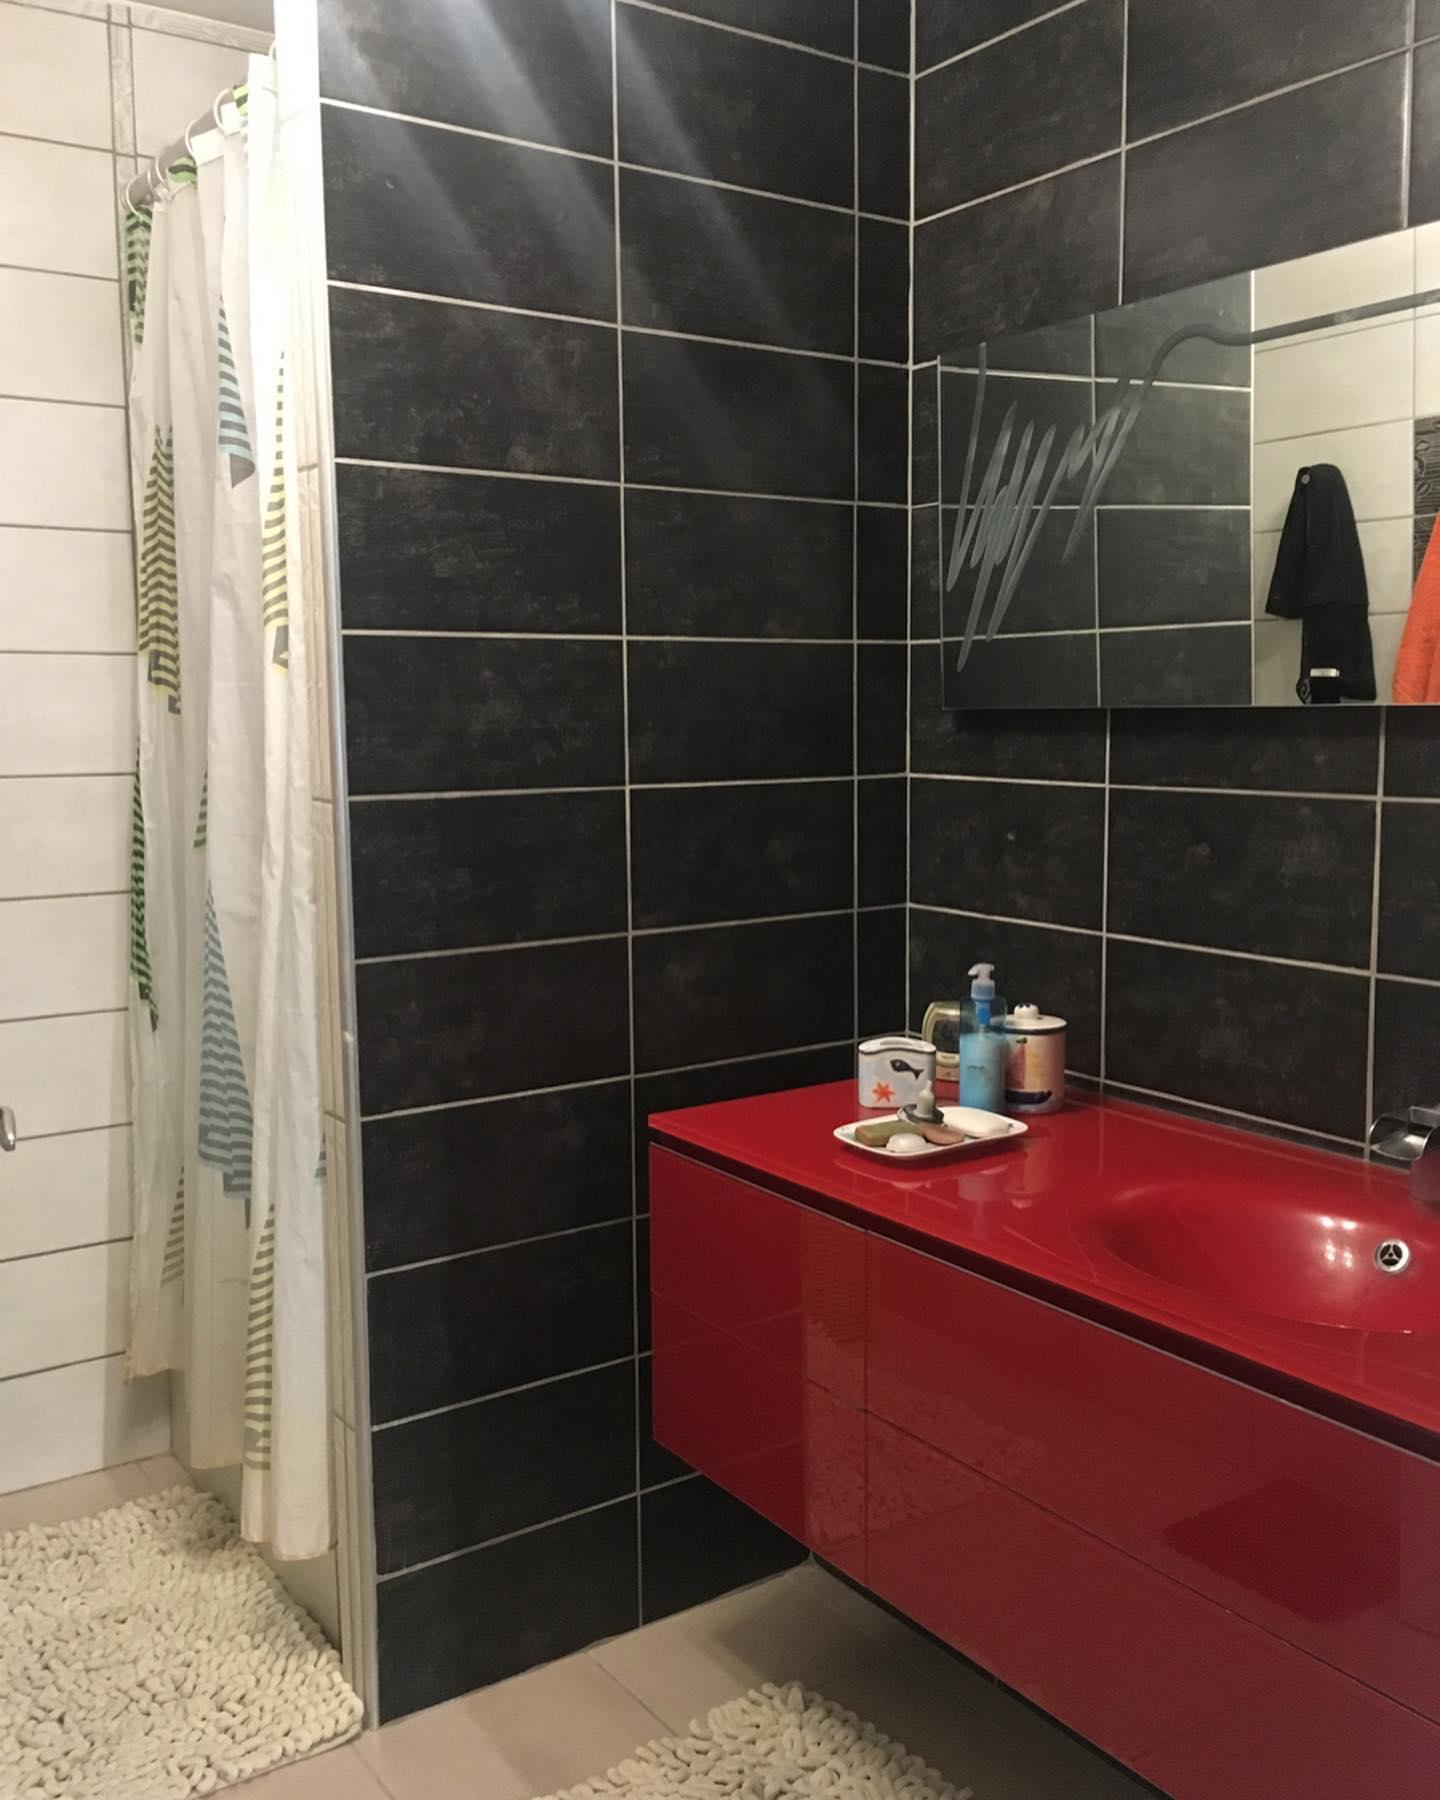 Projet de rénovation intérieure • Rénovation salle de bain à